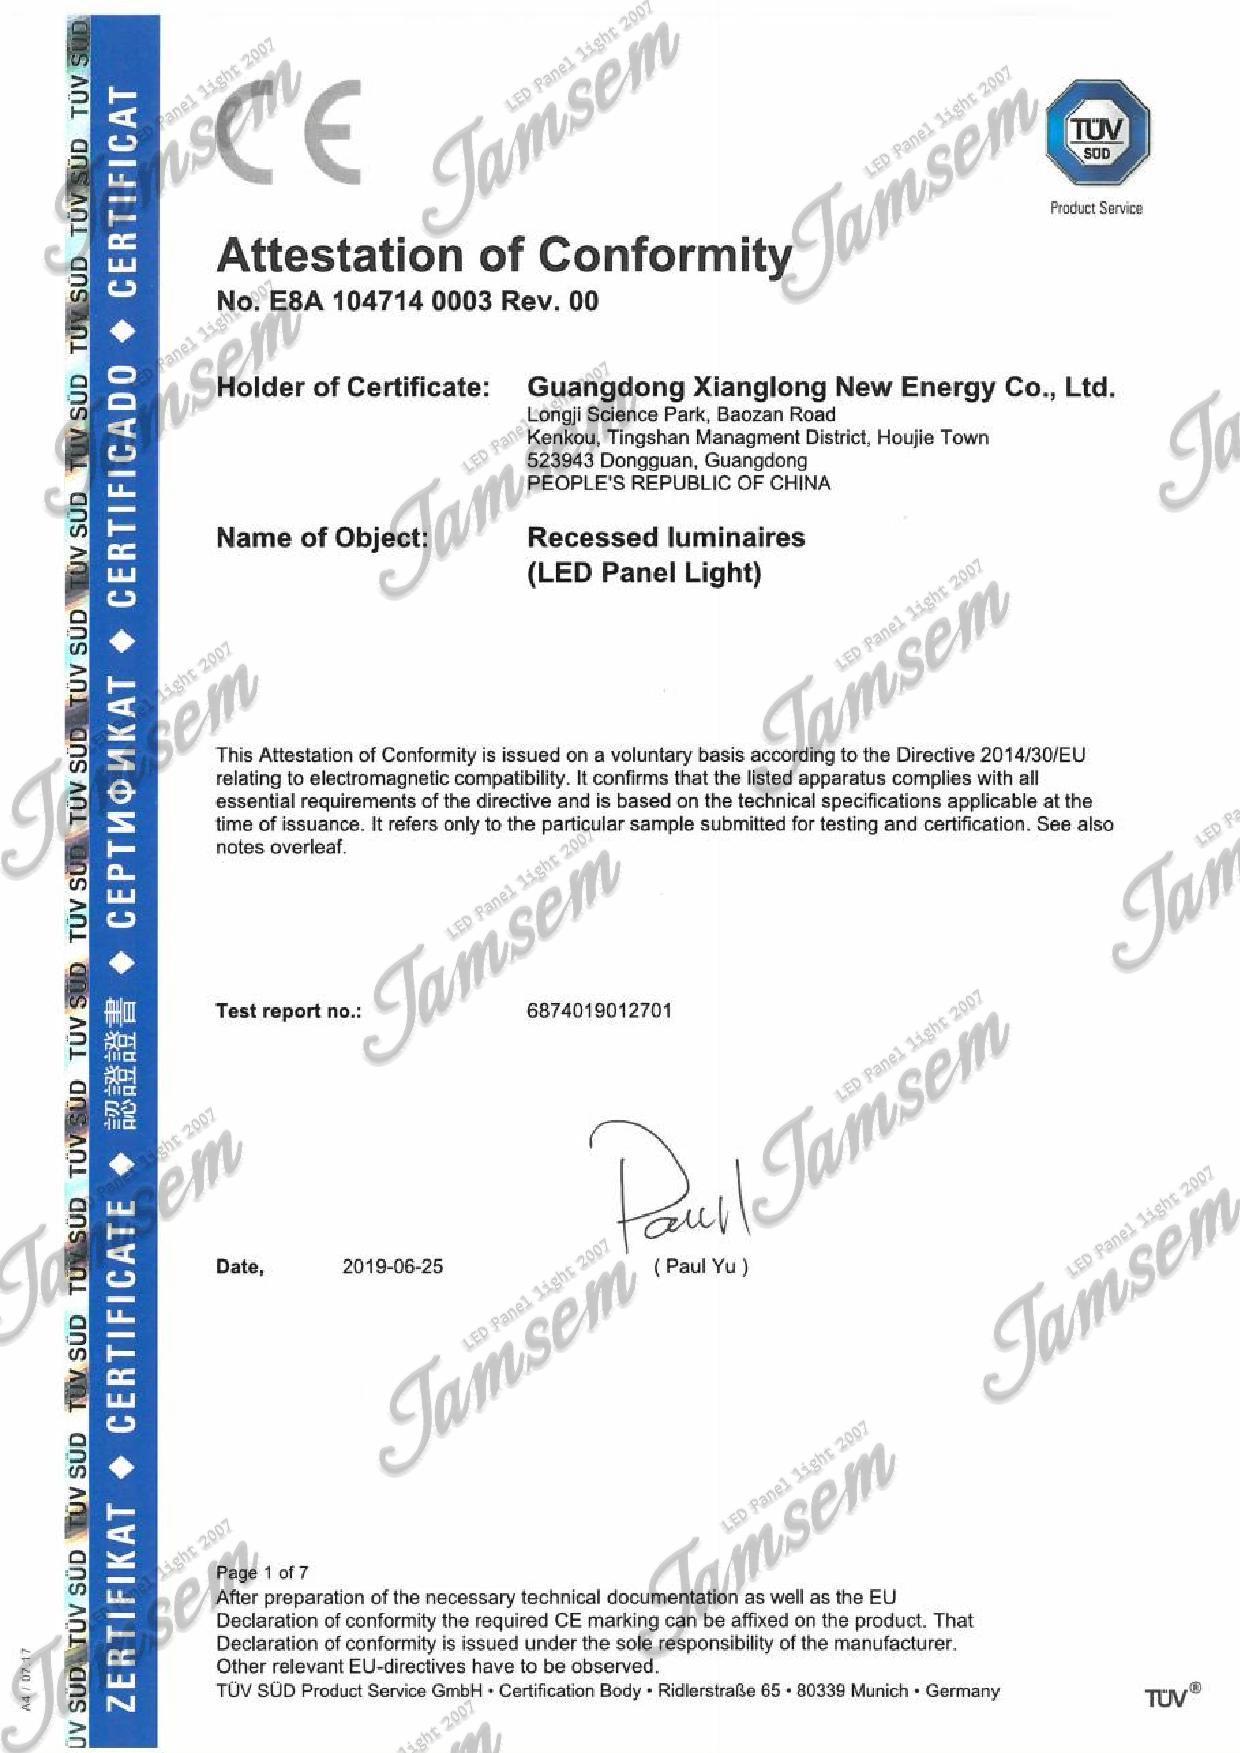 LED panel light CE-EMC certificate - JAMSEM_1